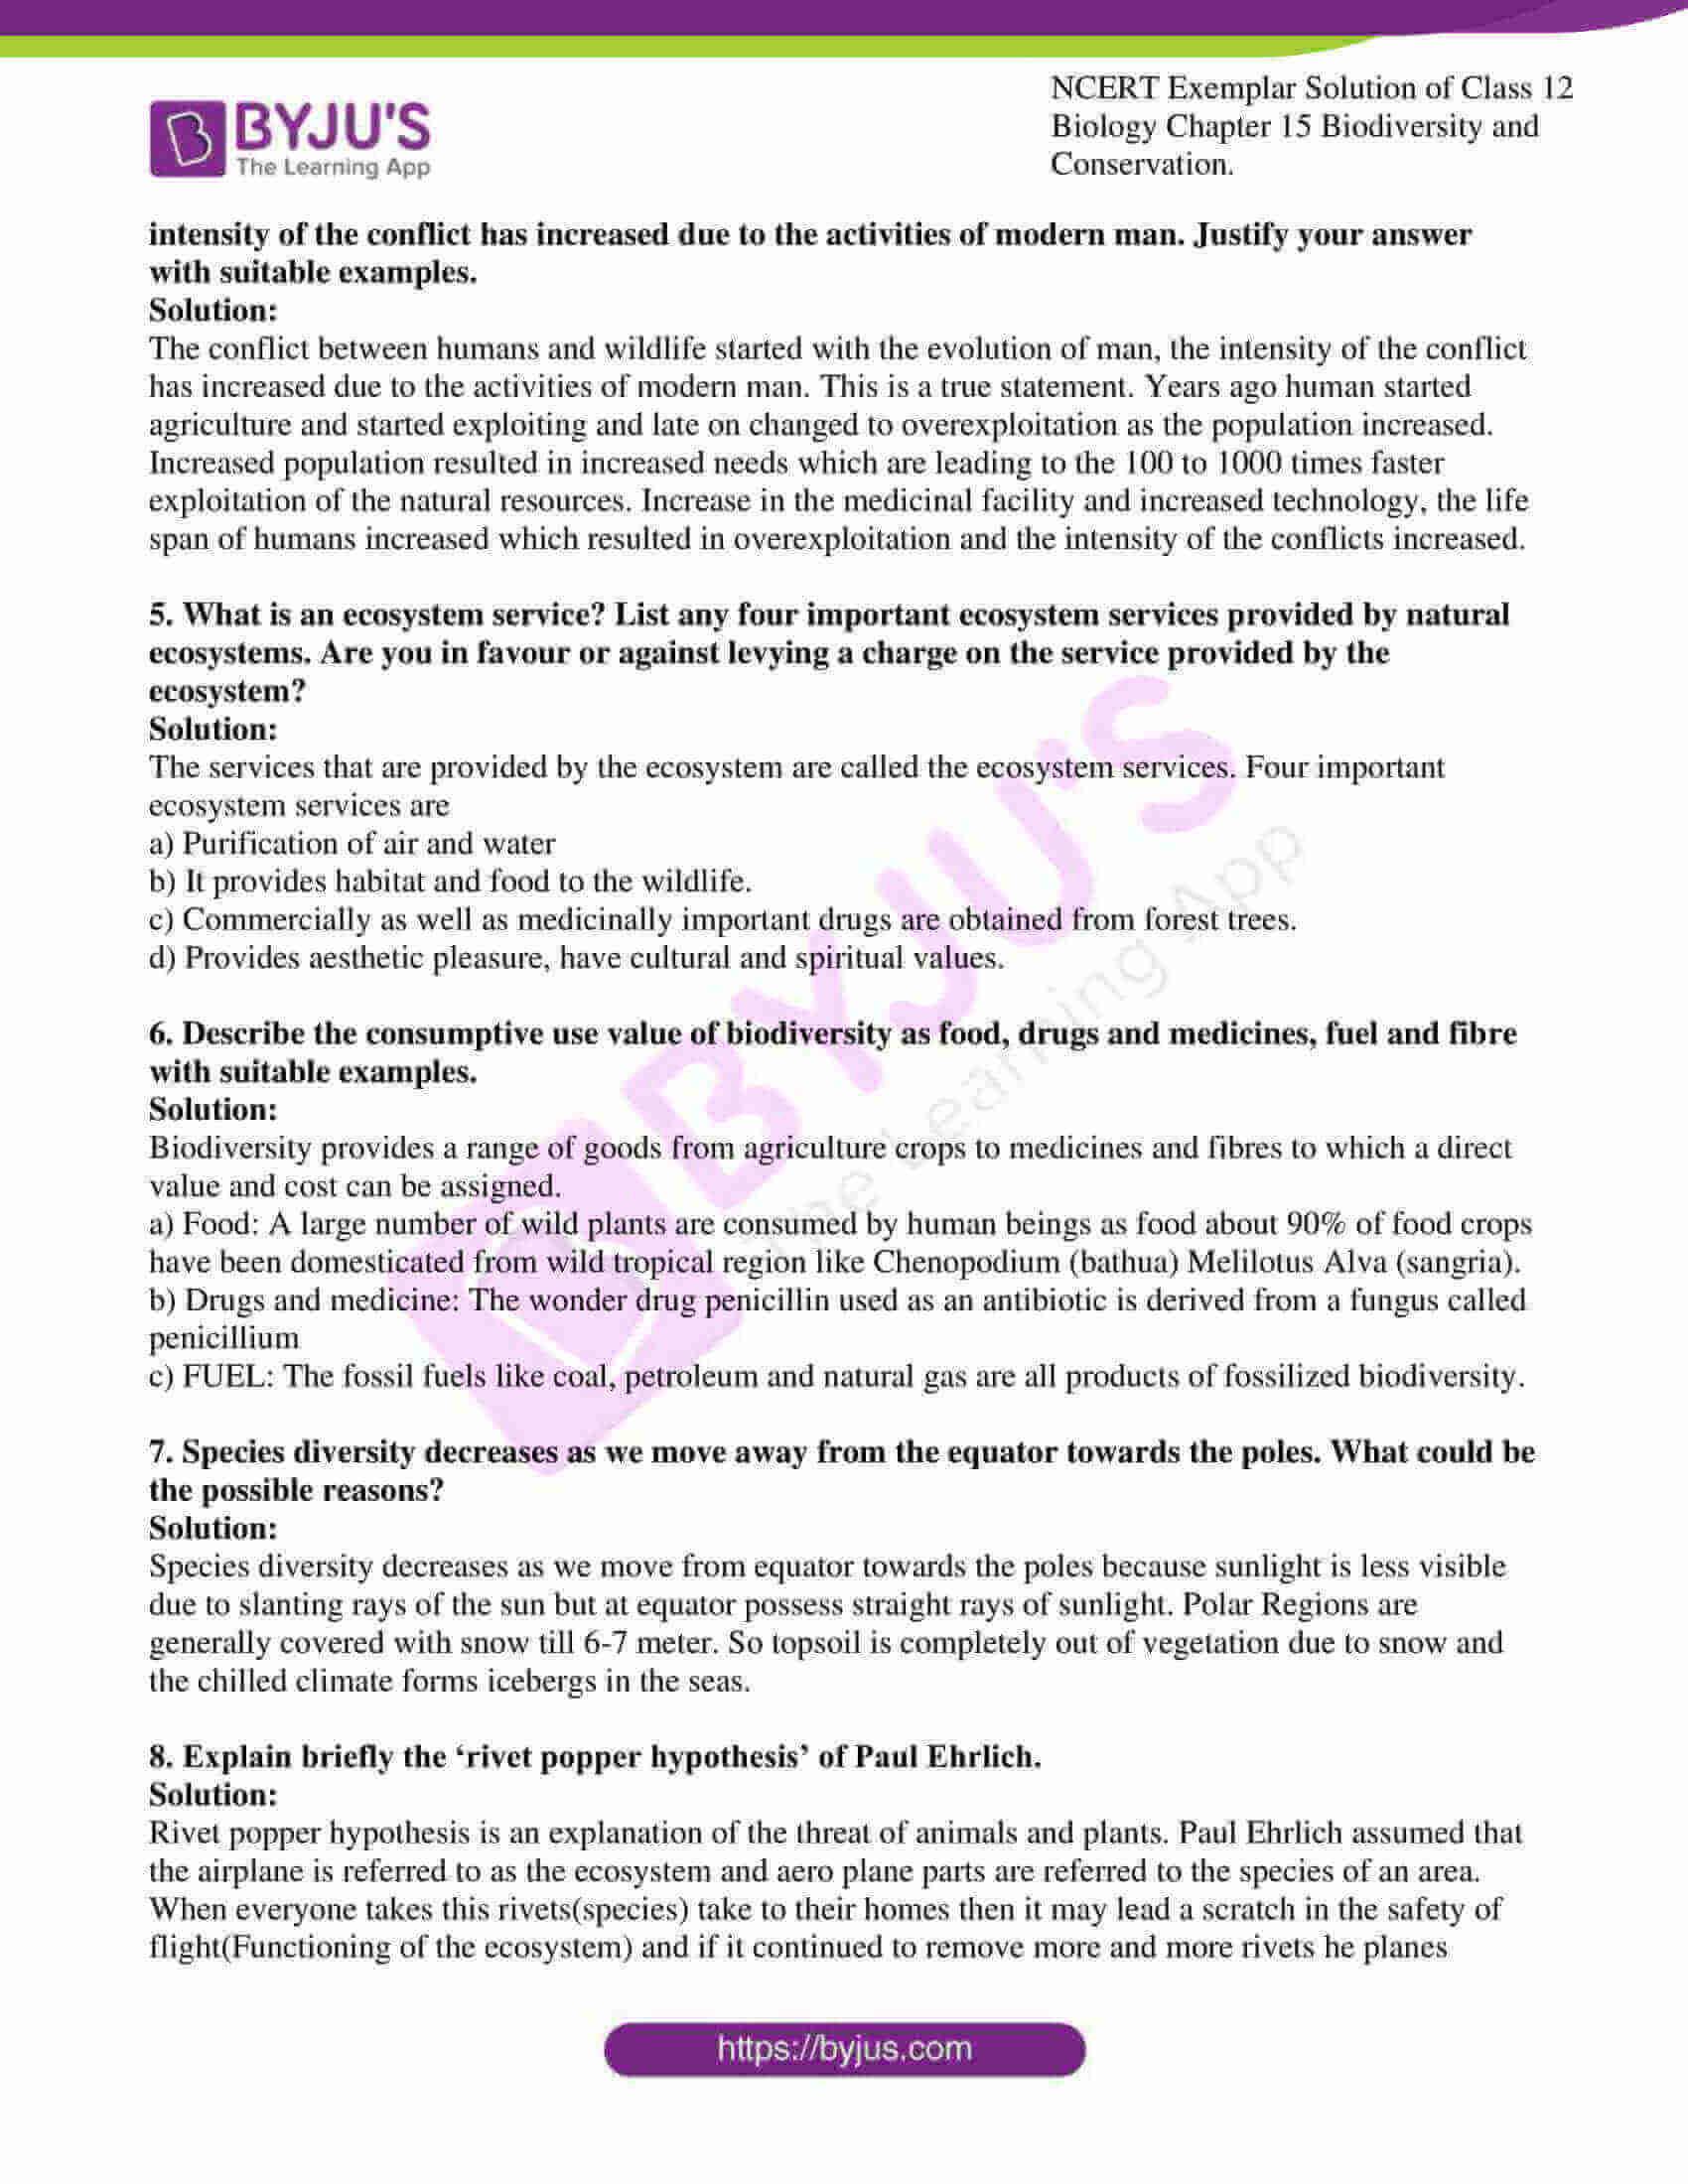 ncert exemplar solution of class 12 biology chapter 15 10